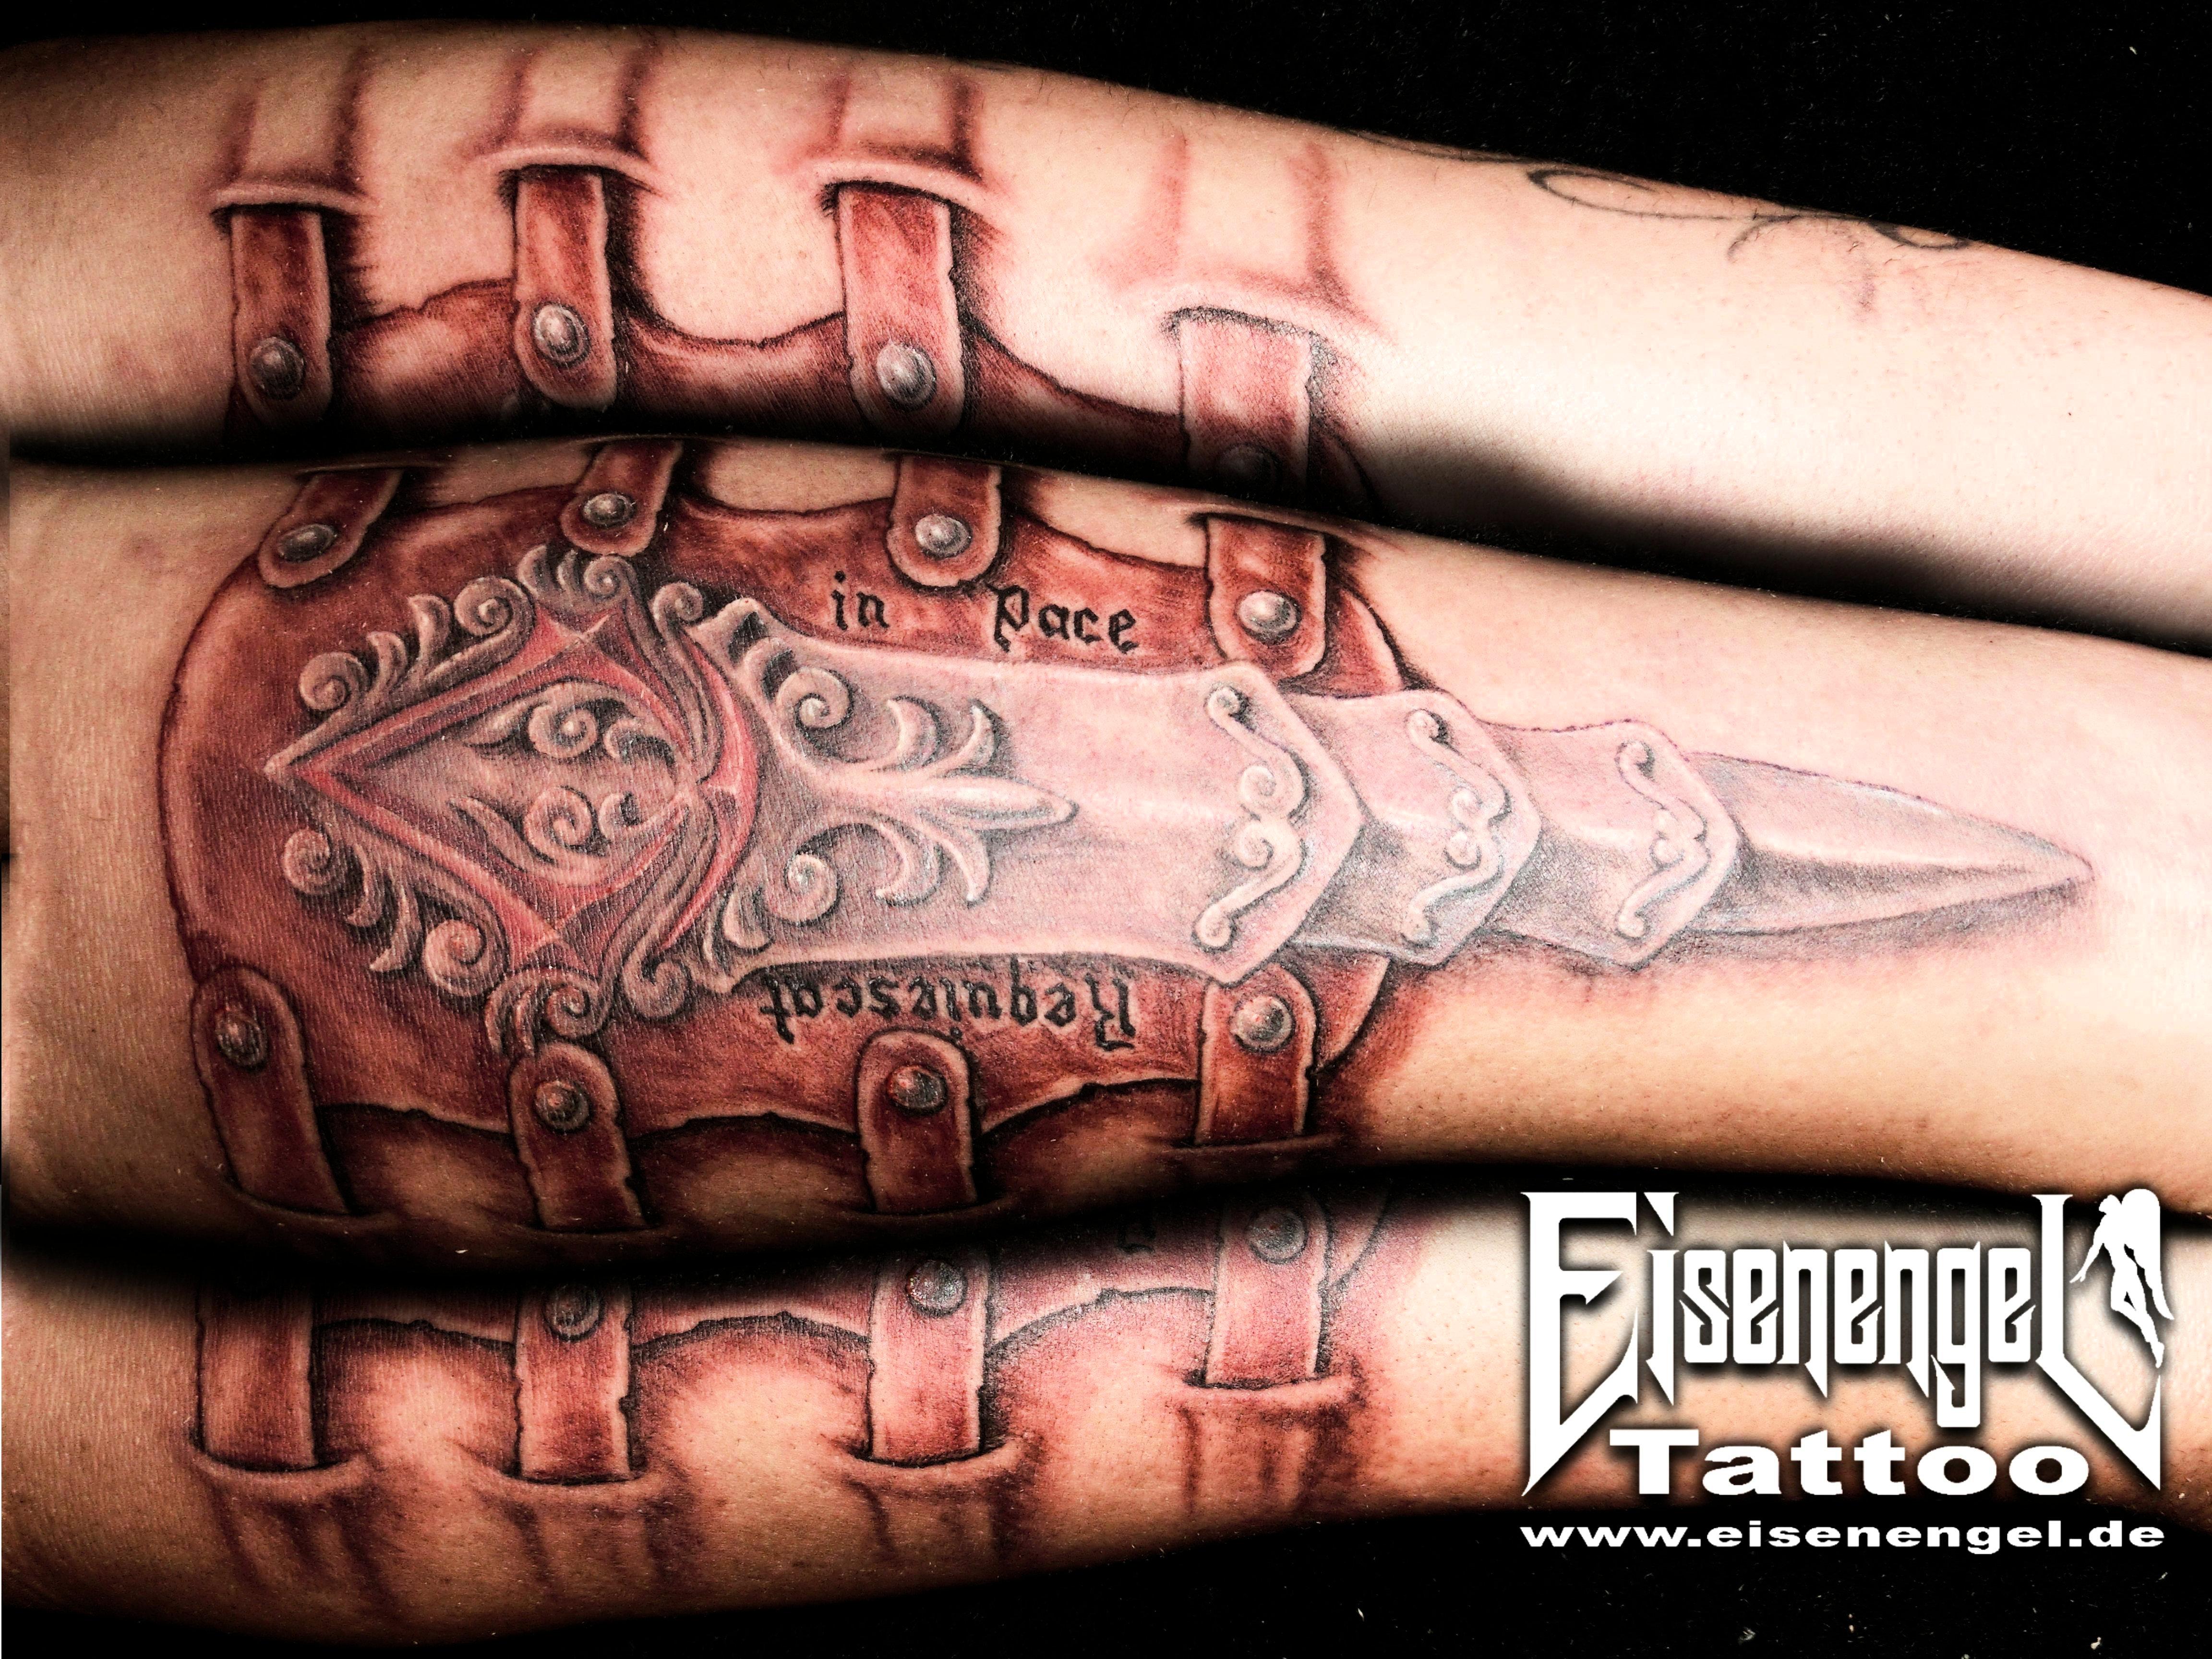 tattoo_asassins_creed.jpg